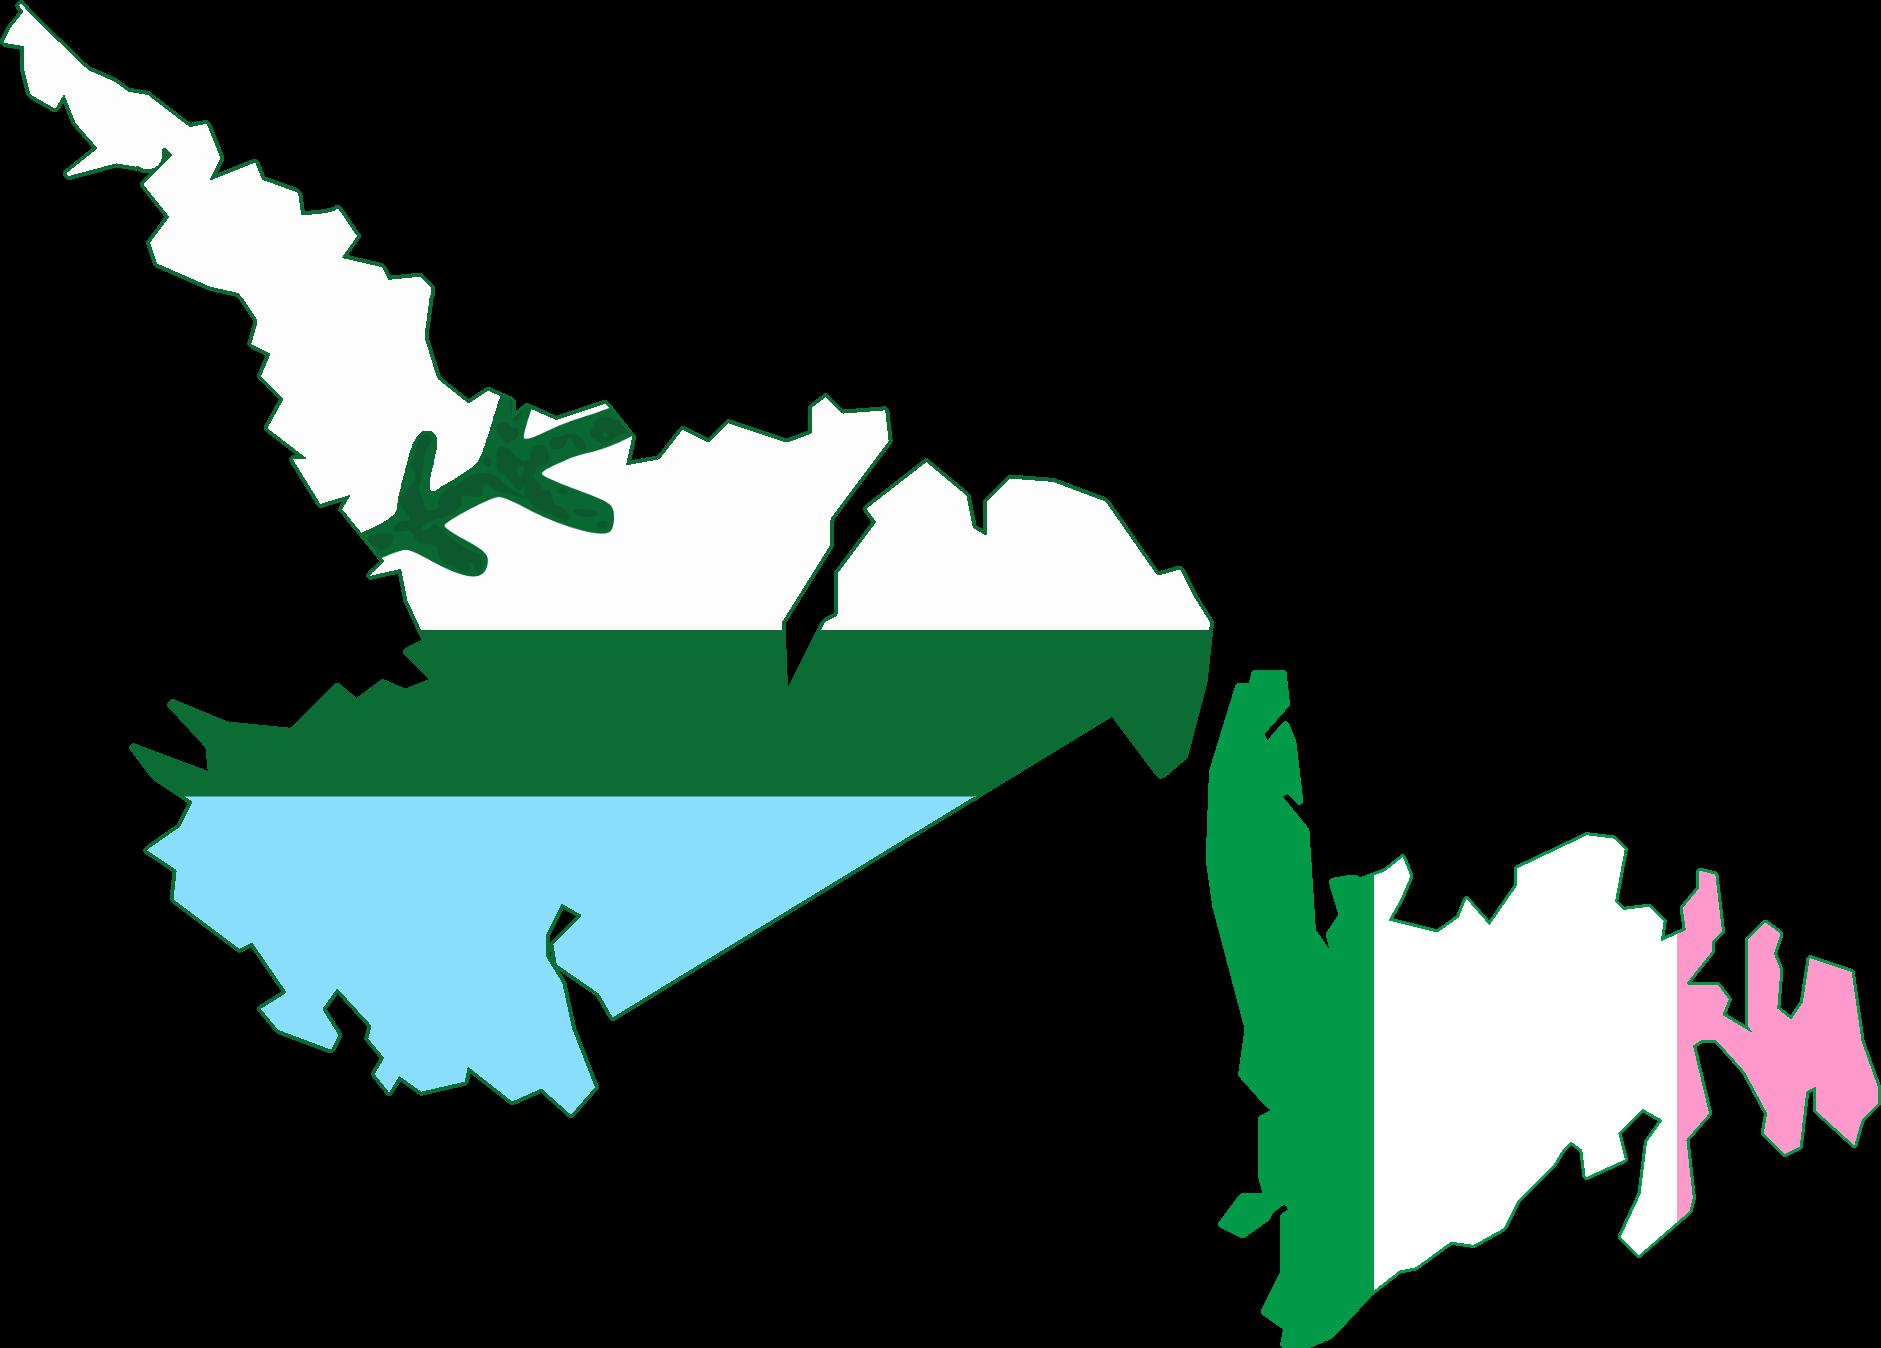 FileFlag Map Of Newfoundland And Labrador Island Flagspng - Newfoundland and labrador map